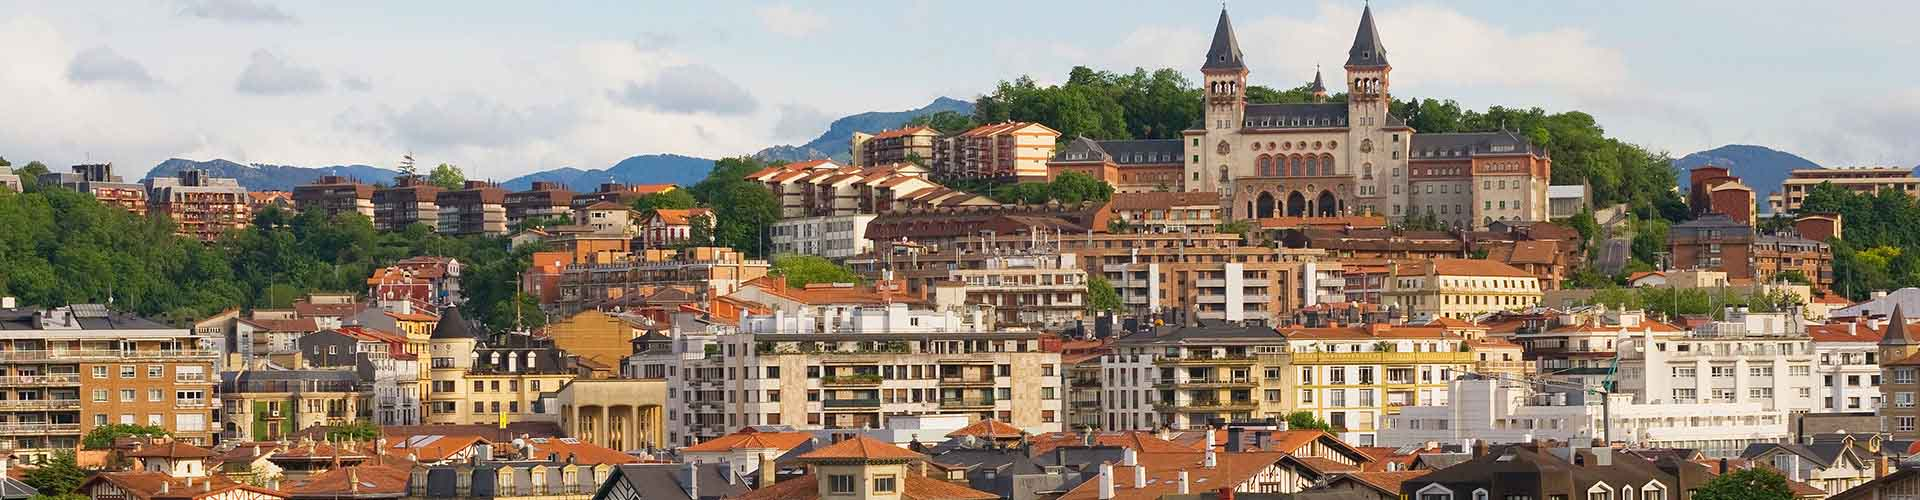 San Sebastian - Apartments nahe Stadtzentrum. San Sebastian auf der Karte. Fotos und Bewertungen für jedes Apartment in San Sebastian.